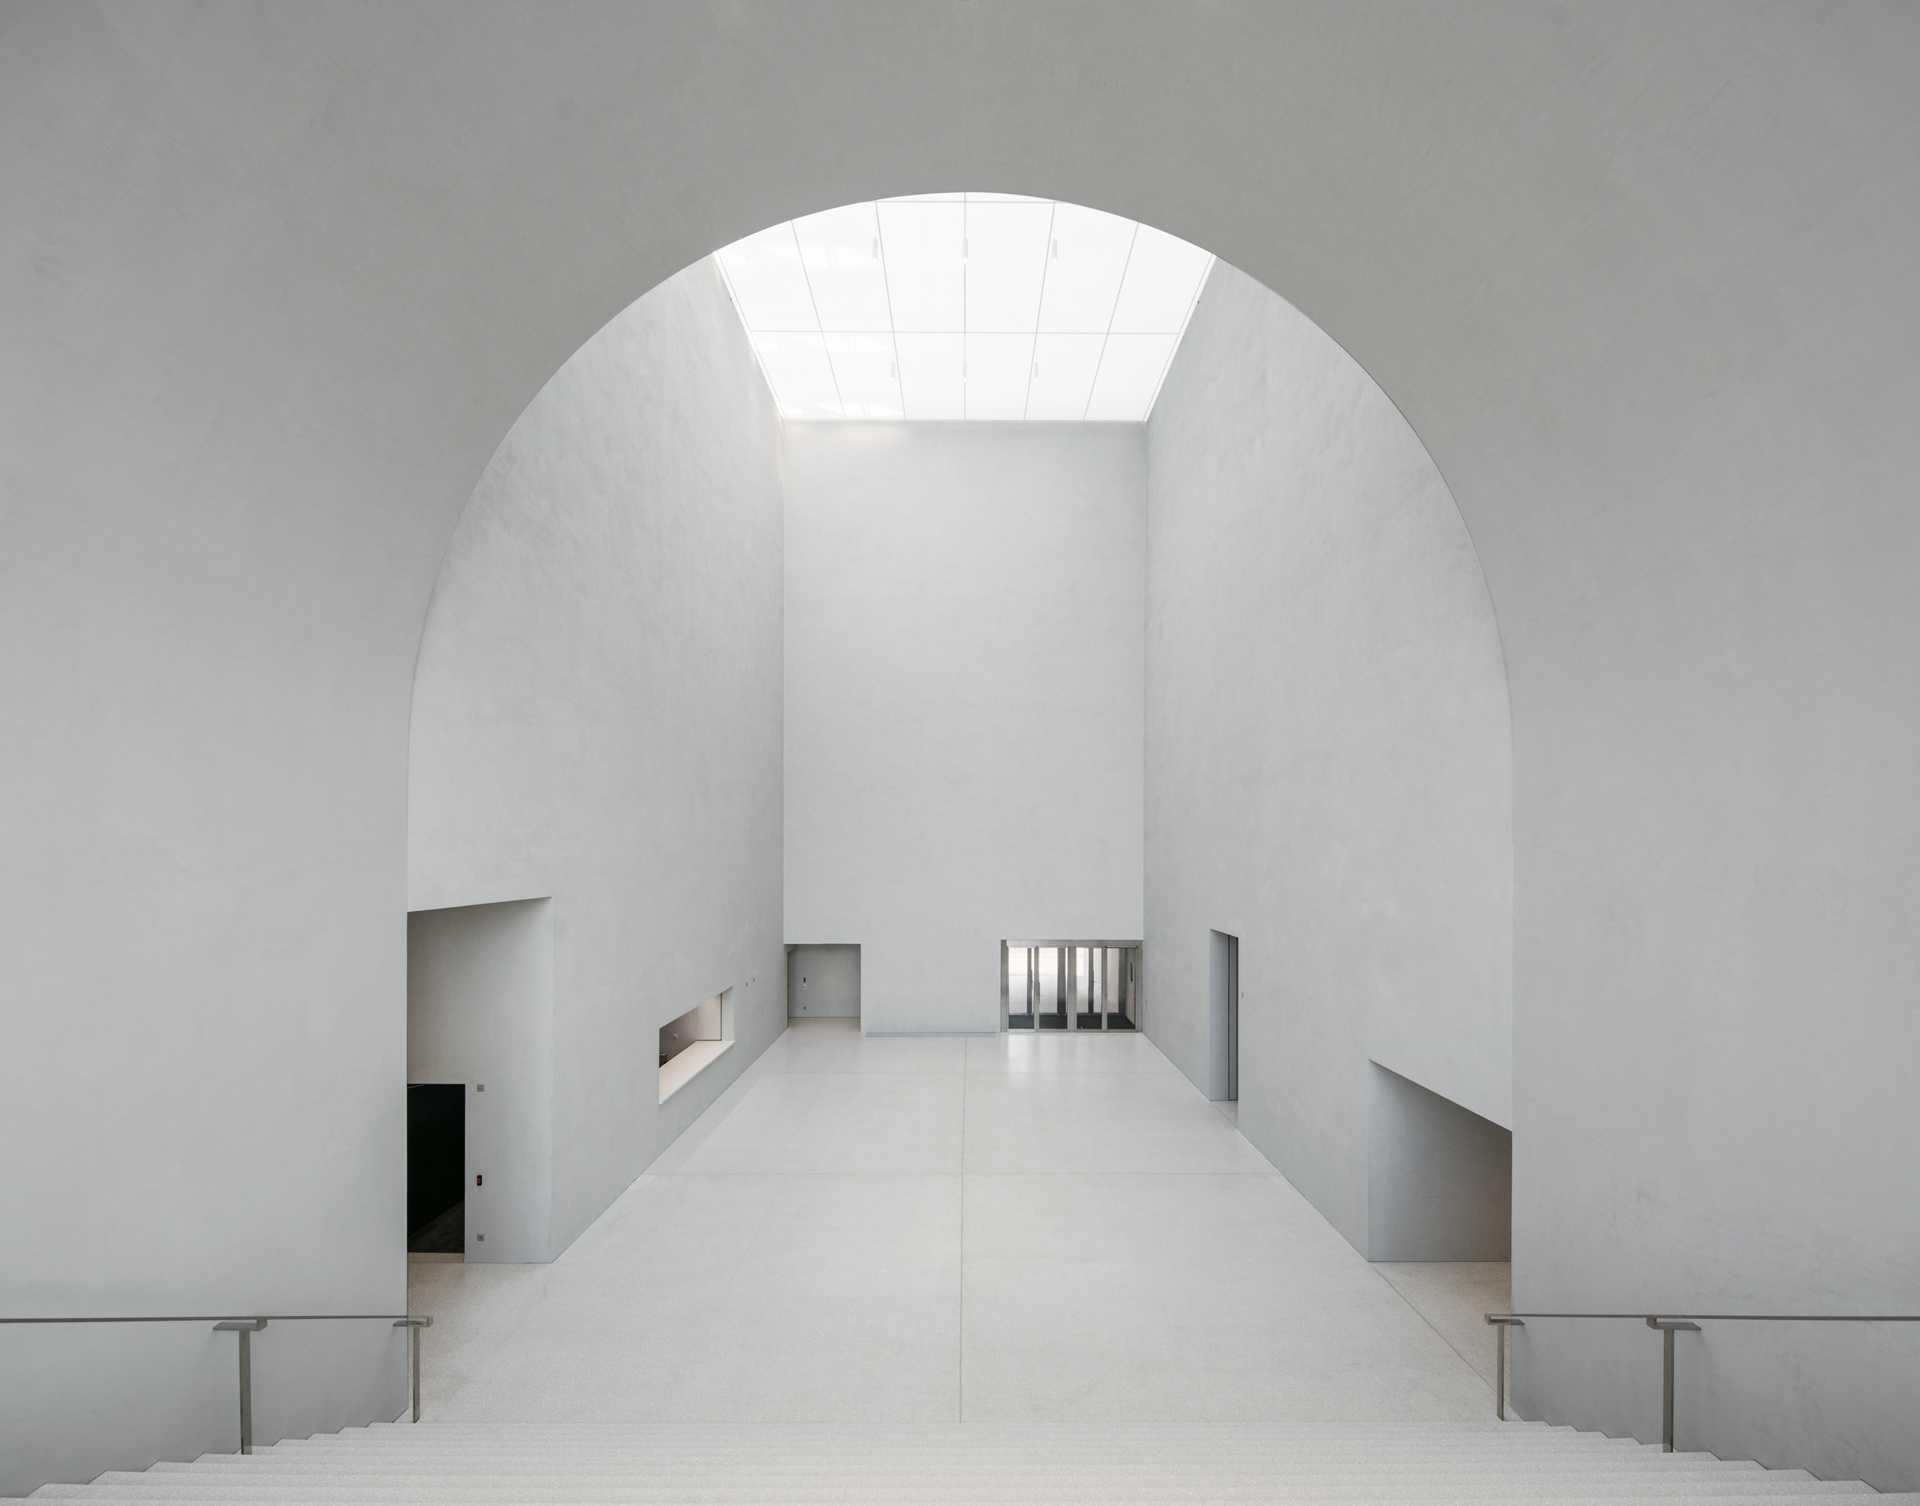 Musée Cantonal des Beaux-Arts  - 17 07 44